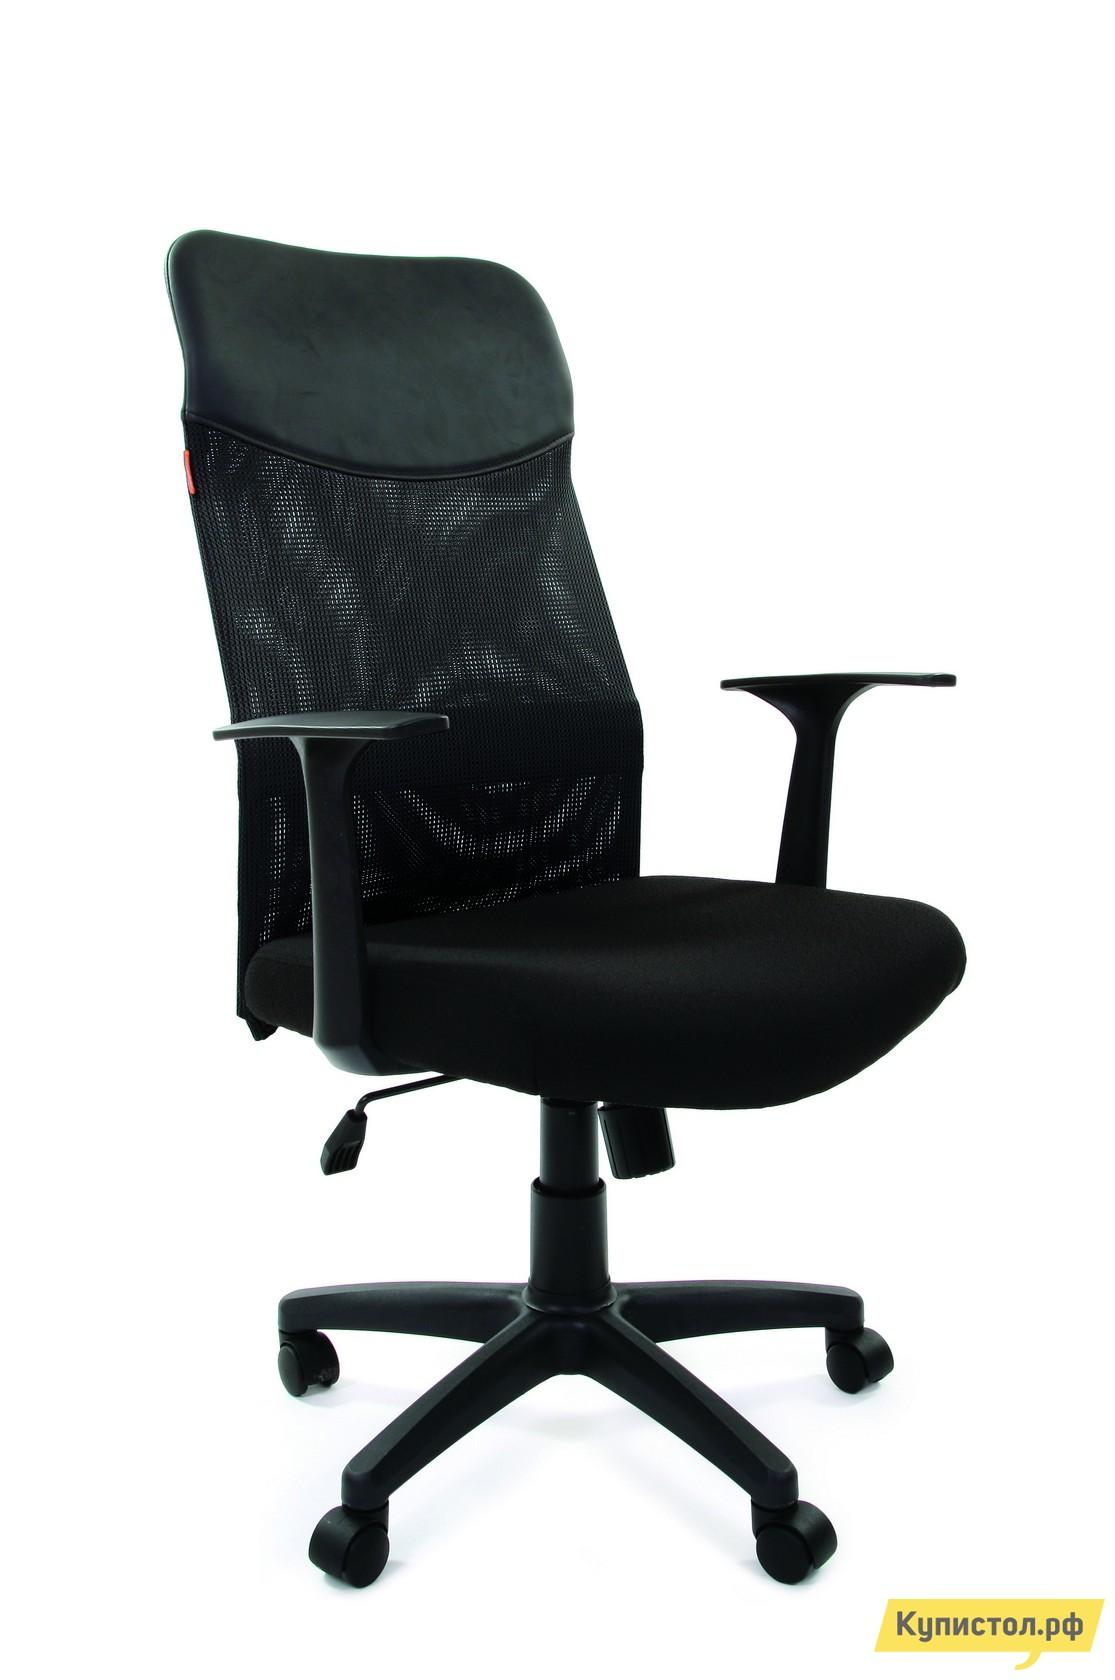 Кресло руководителя Chairman CHAIRMAN 610 LT 15-21 черный